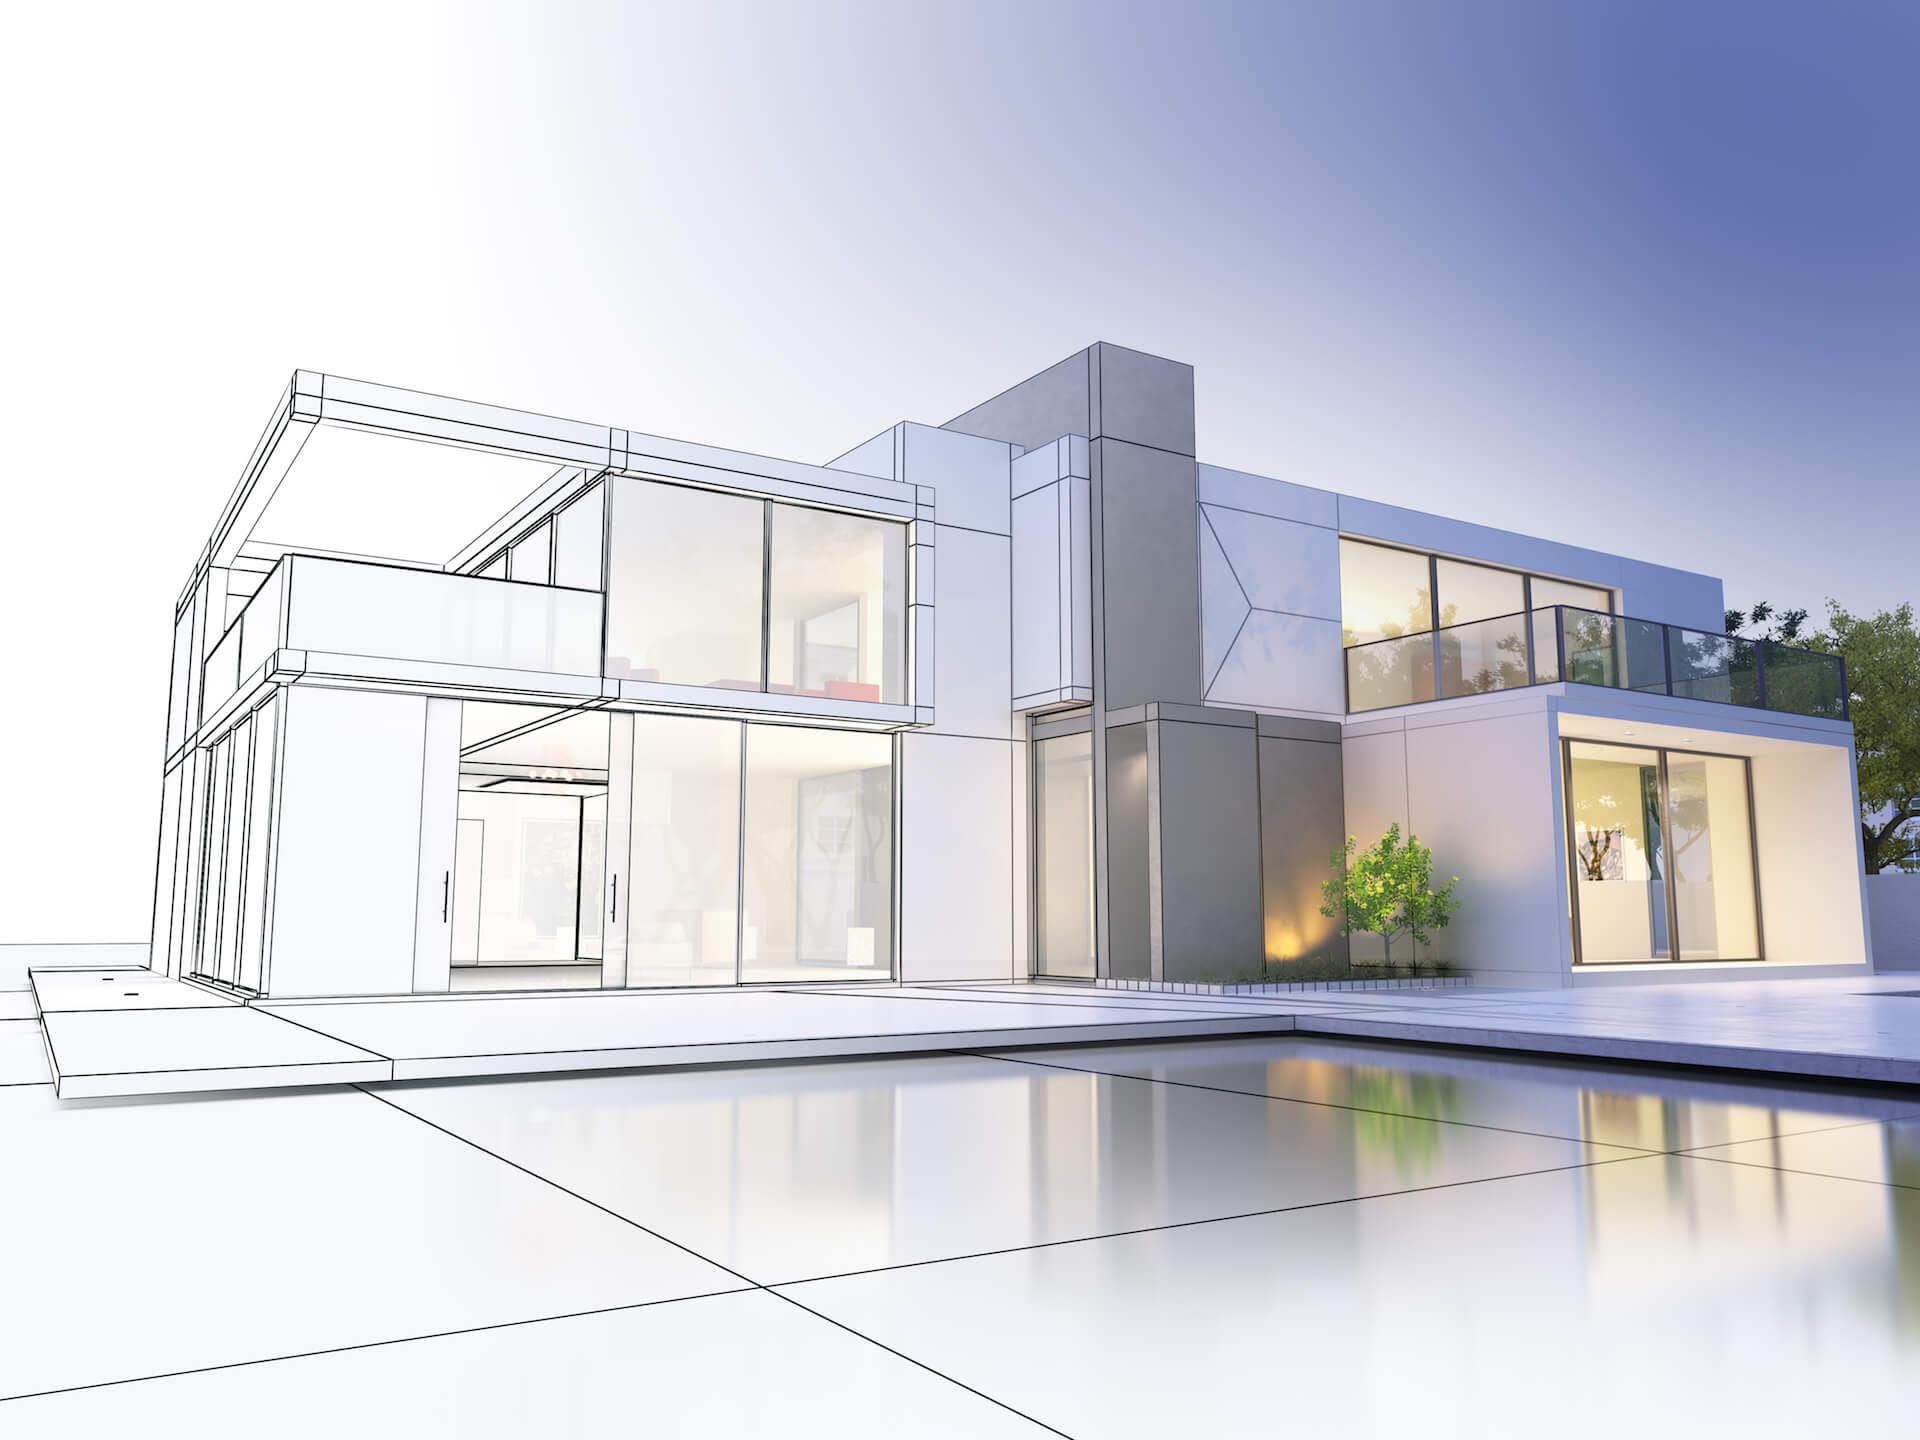 Matterport: 3D/VR for Business